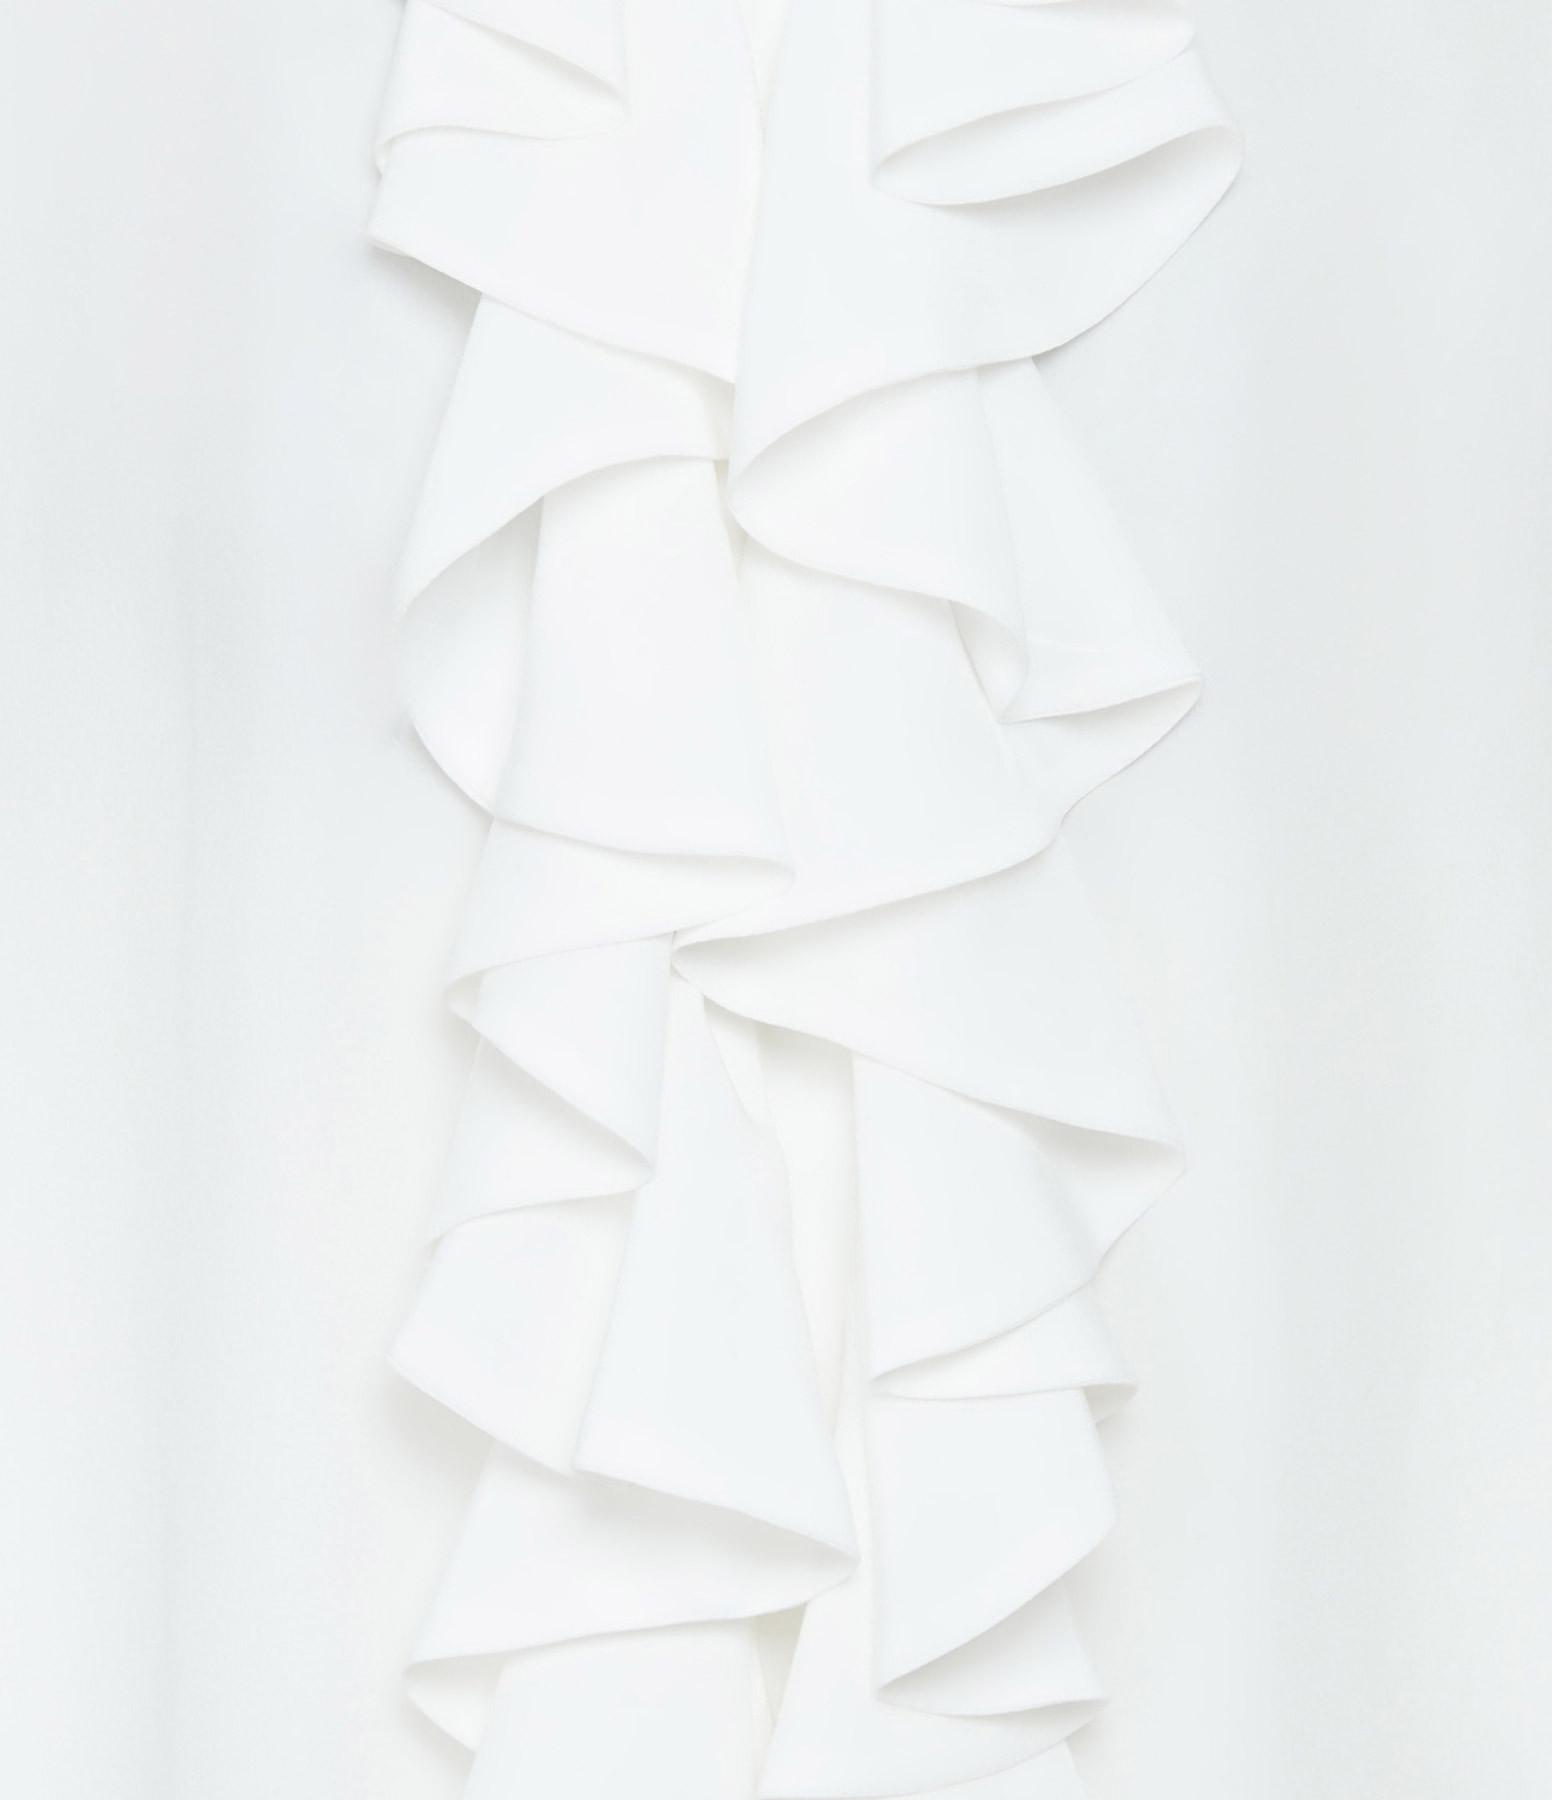 MARGAUX LONNBERG - Chemise Palma Blanc